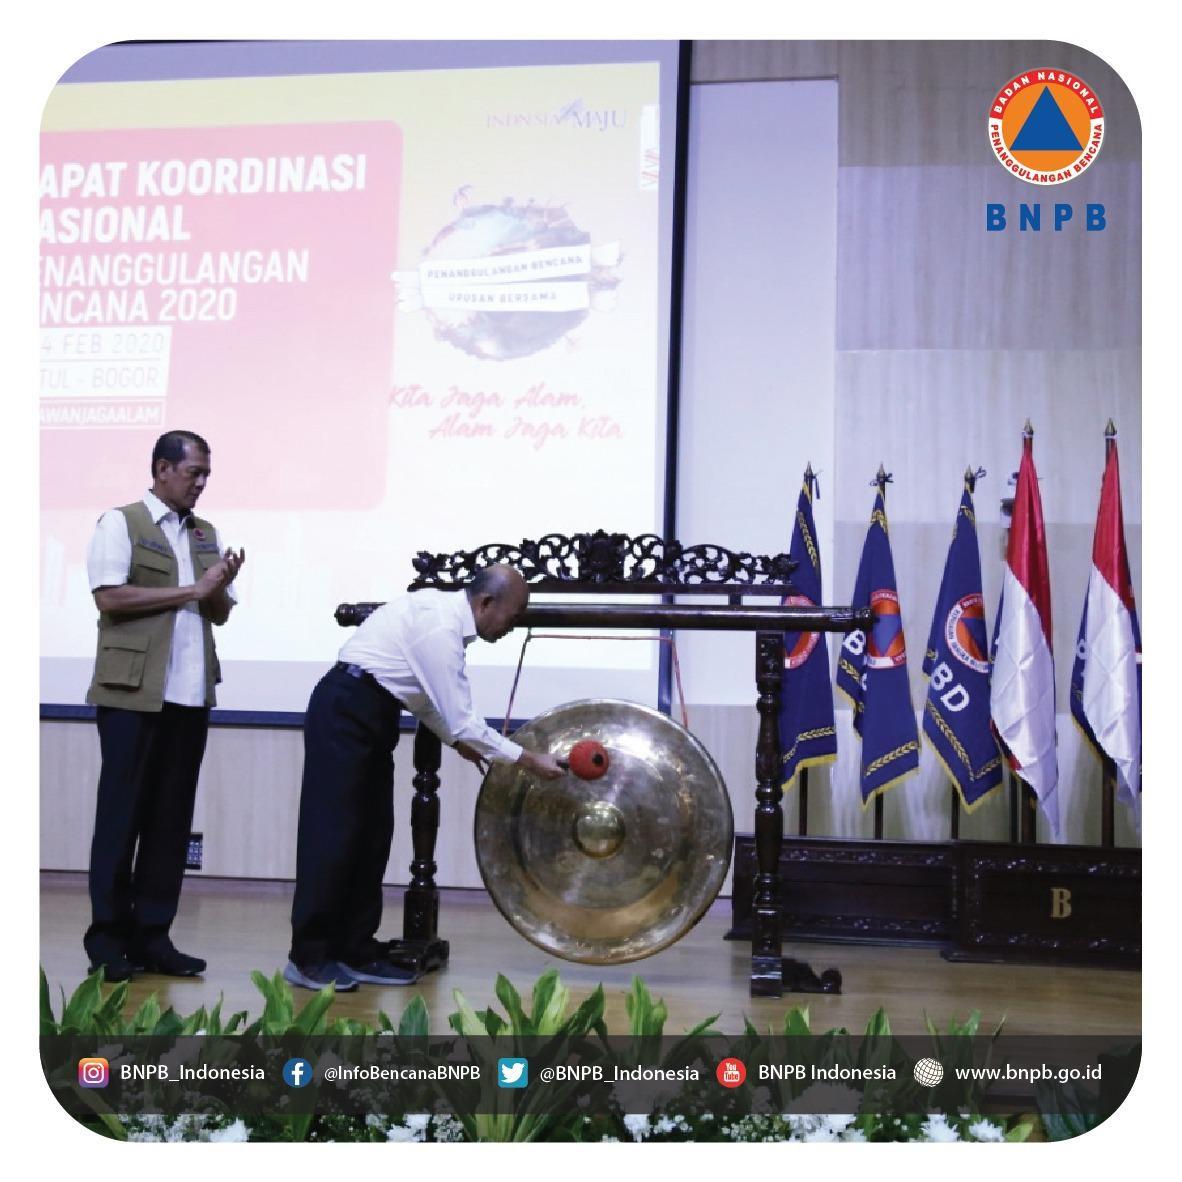 BNPB Mengajak Multi Pihak Untuk Bahas Solusi dan Strategi PB di Indonesia